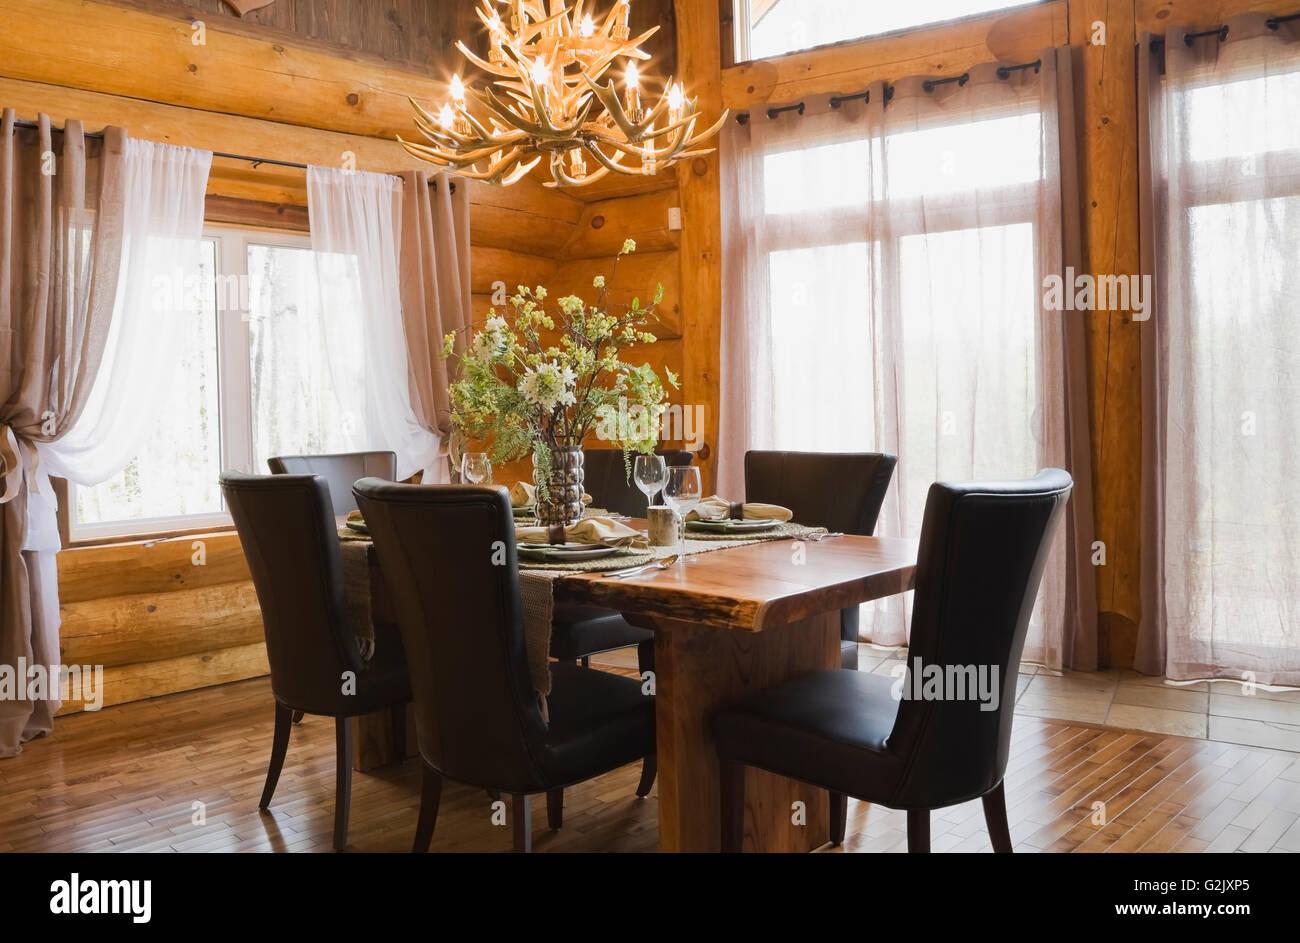 Natürliches Holz Esstisch braun Leder Stühle im Speisesaal im ...